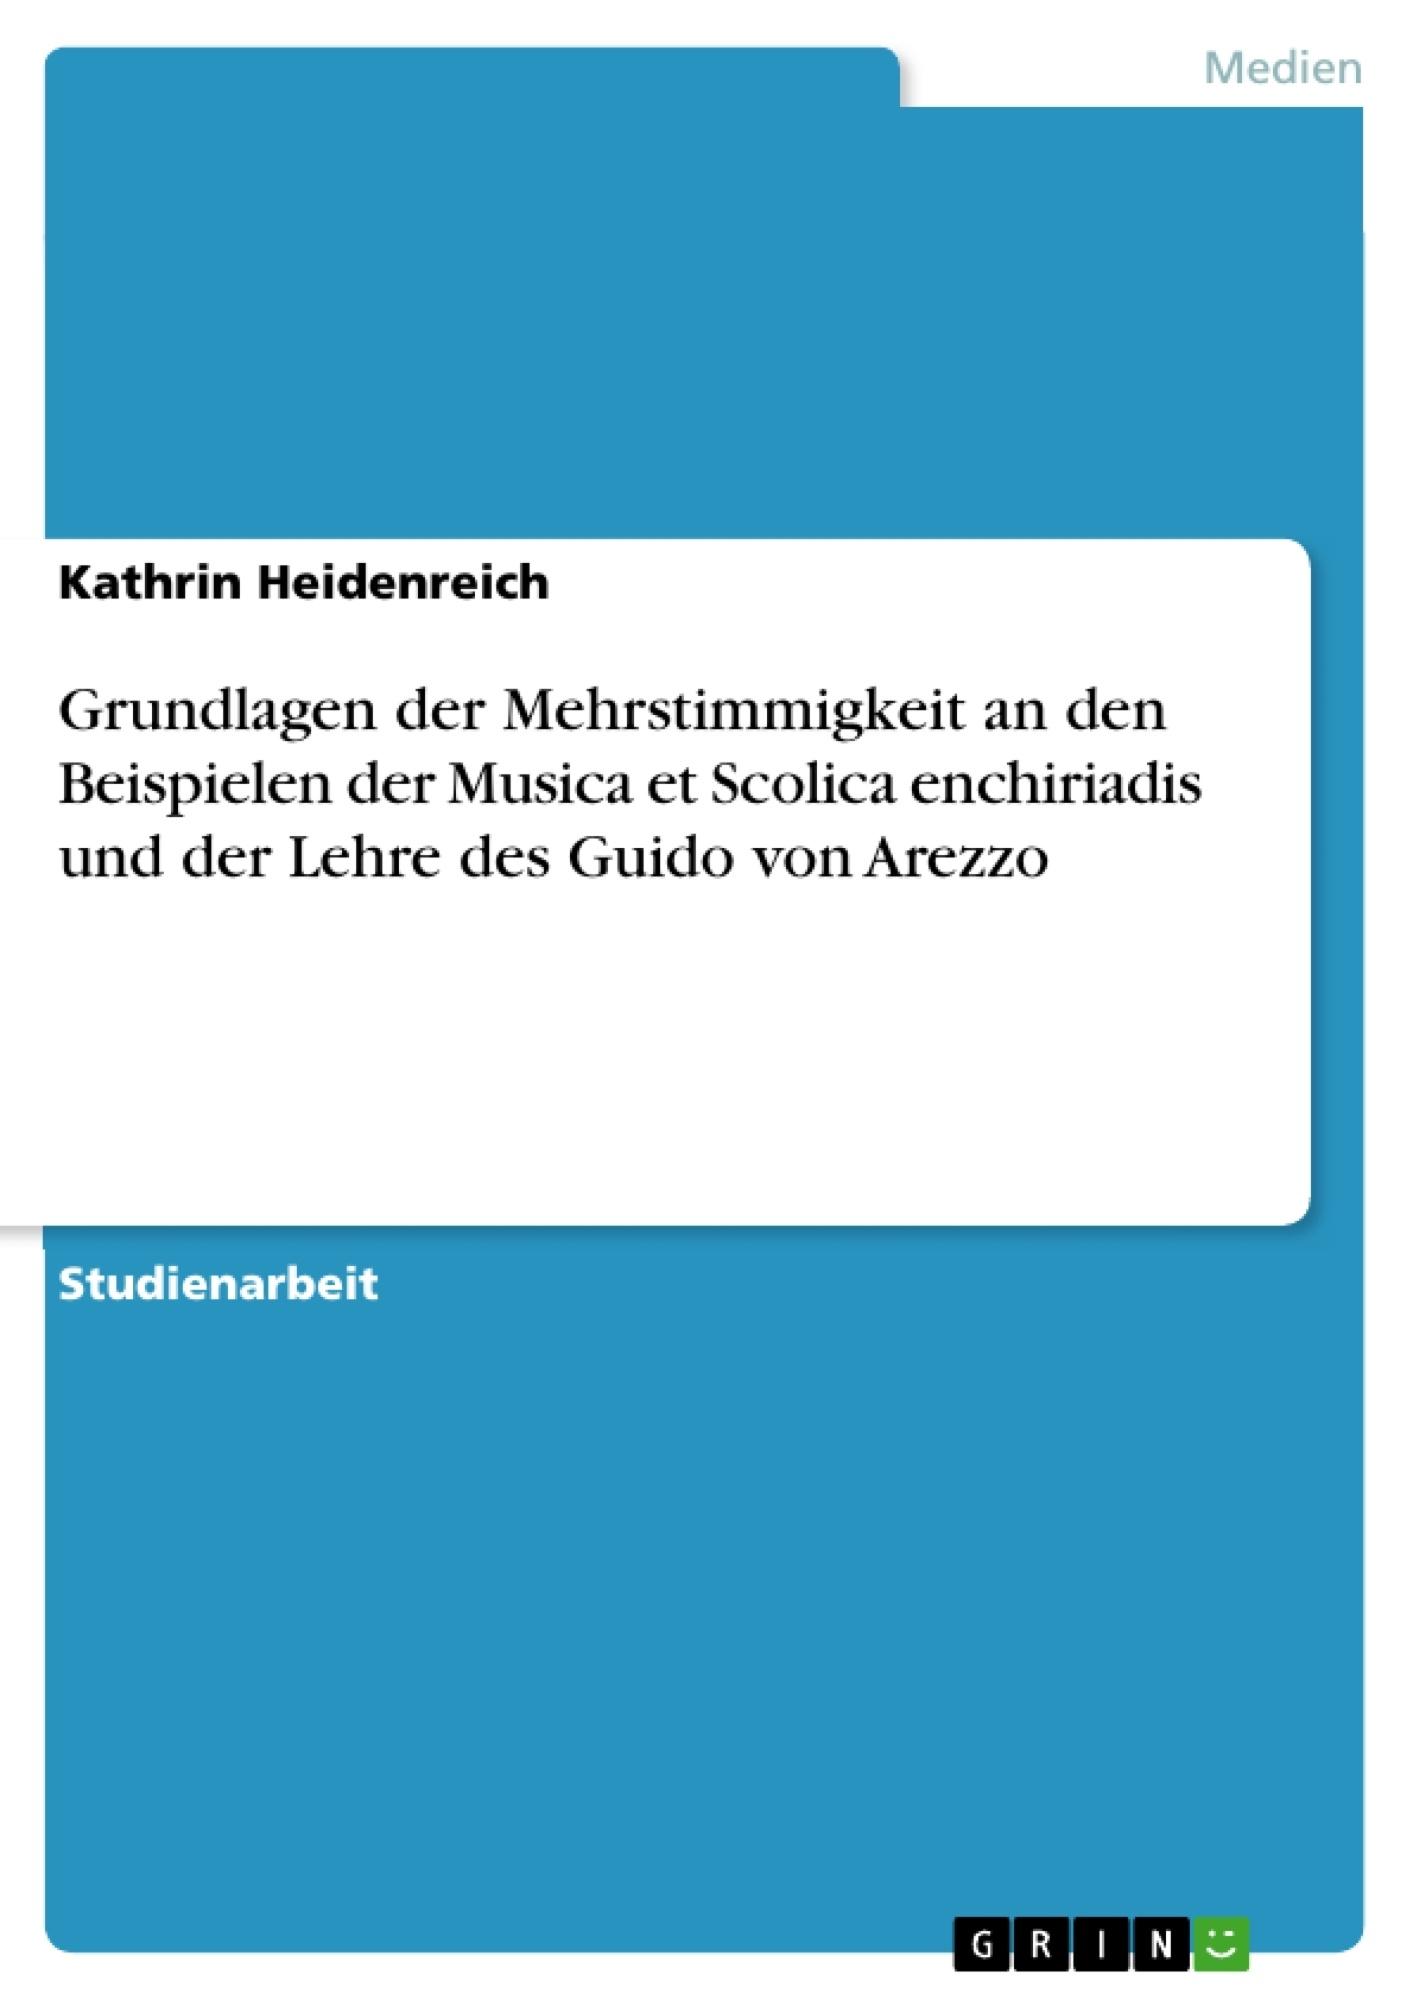 Titel: Grundlagen der Mehrstimmigkeit an den Beispielen der Musica et Scolica enchiriadis und der Lehre des Guido von Arezzo